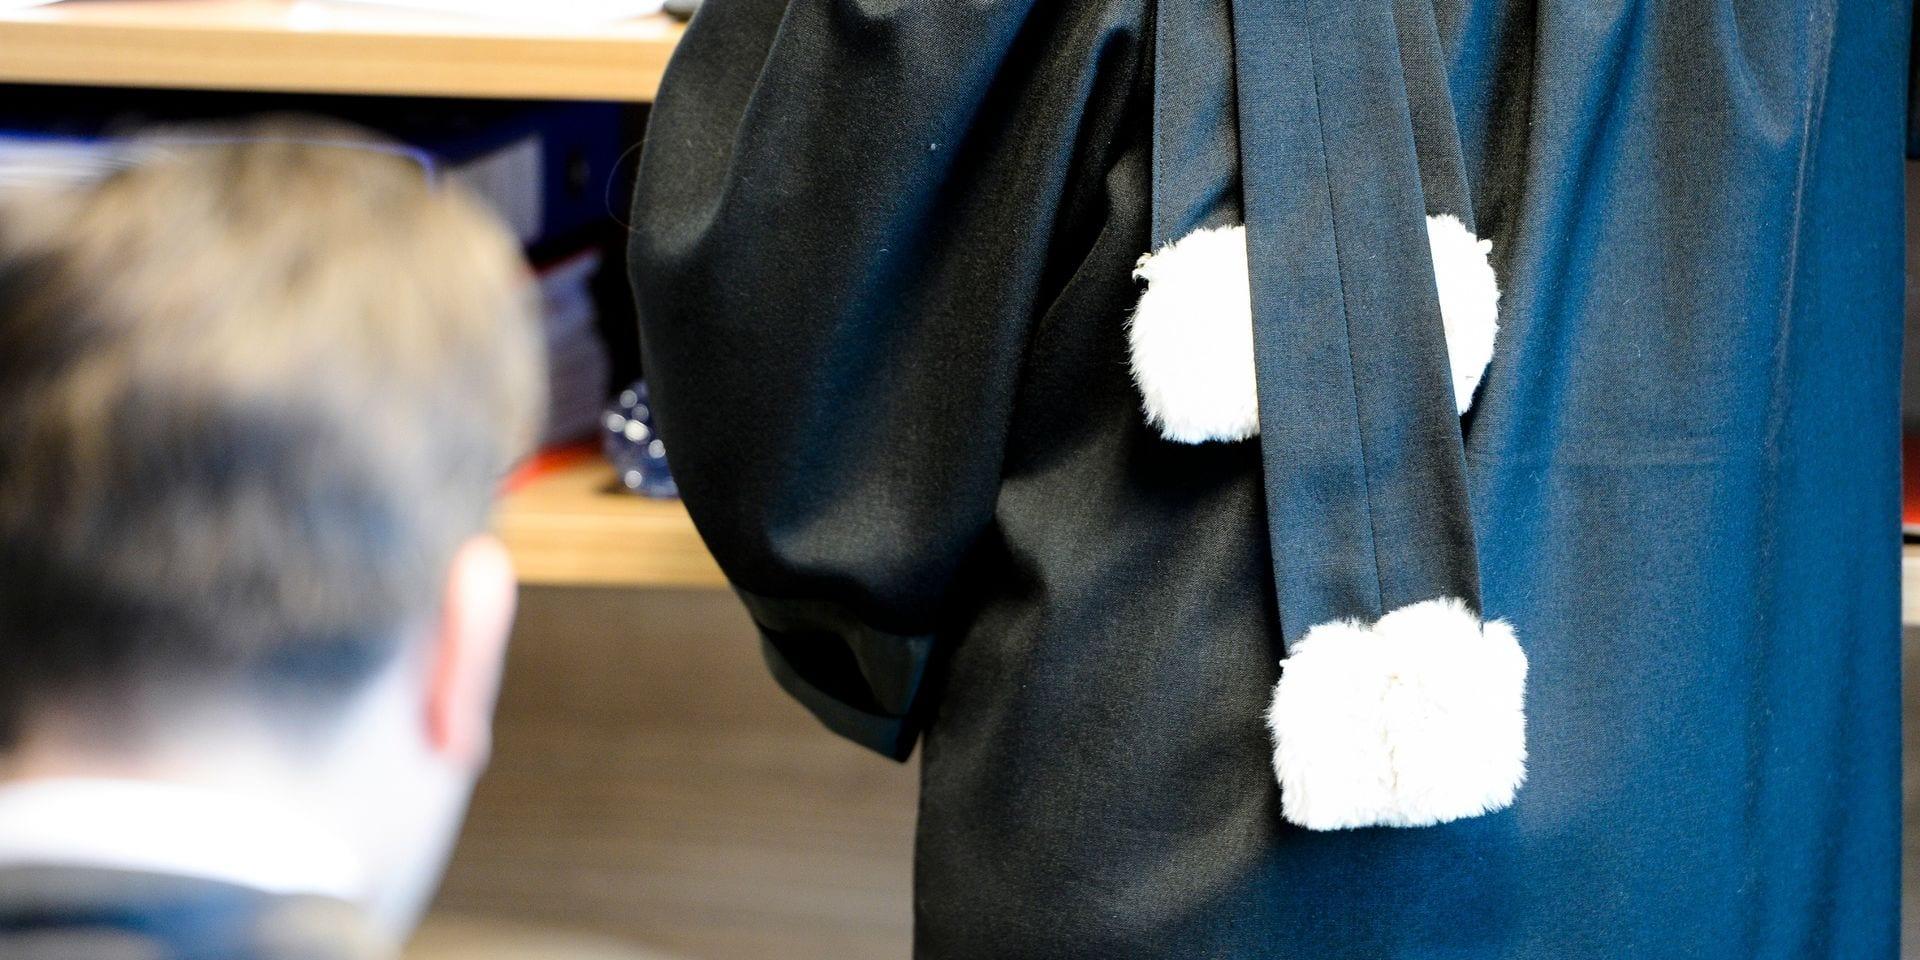 Meurtre et incendie à La Louvière: mandat d'arrêt confirmé à l'encontre d'un Montois